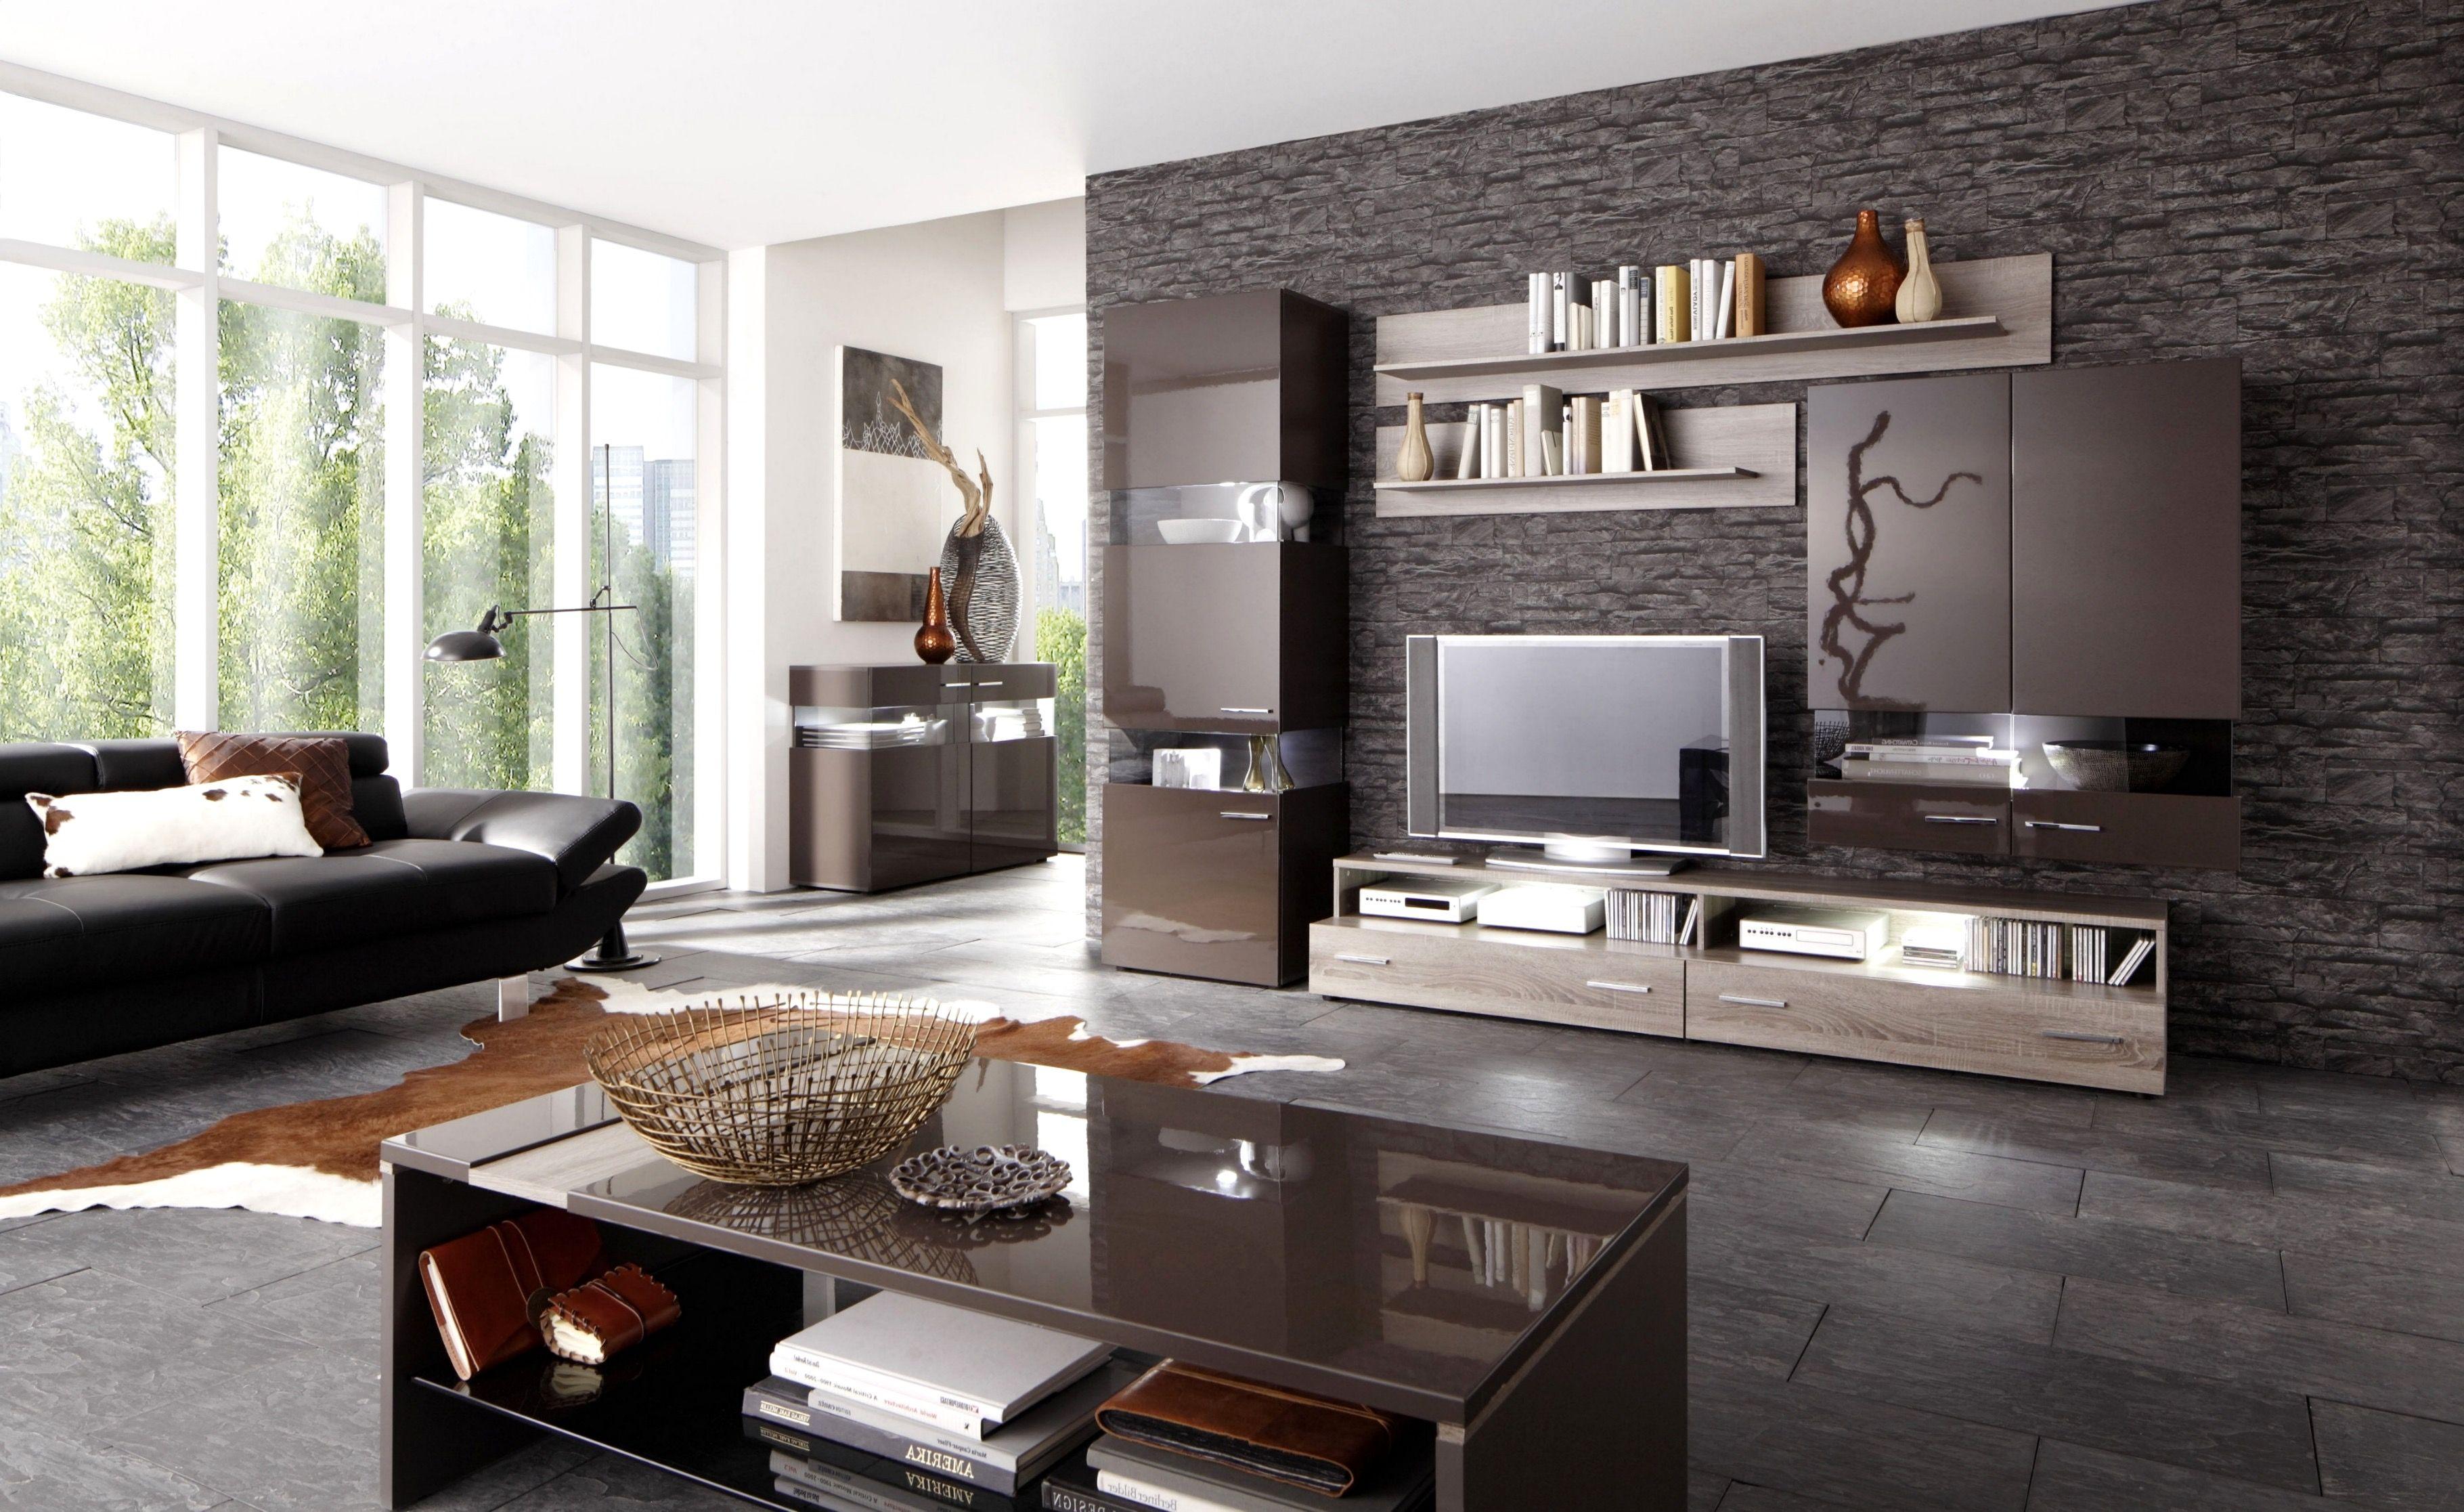 wohnzimmer renovieren ideen | wohnzimmer wandgestaltung streichen